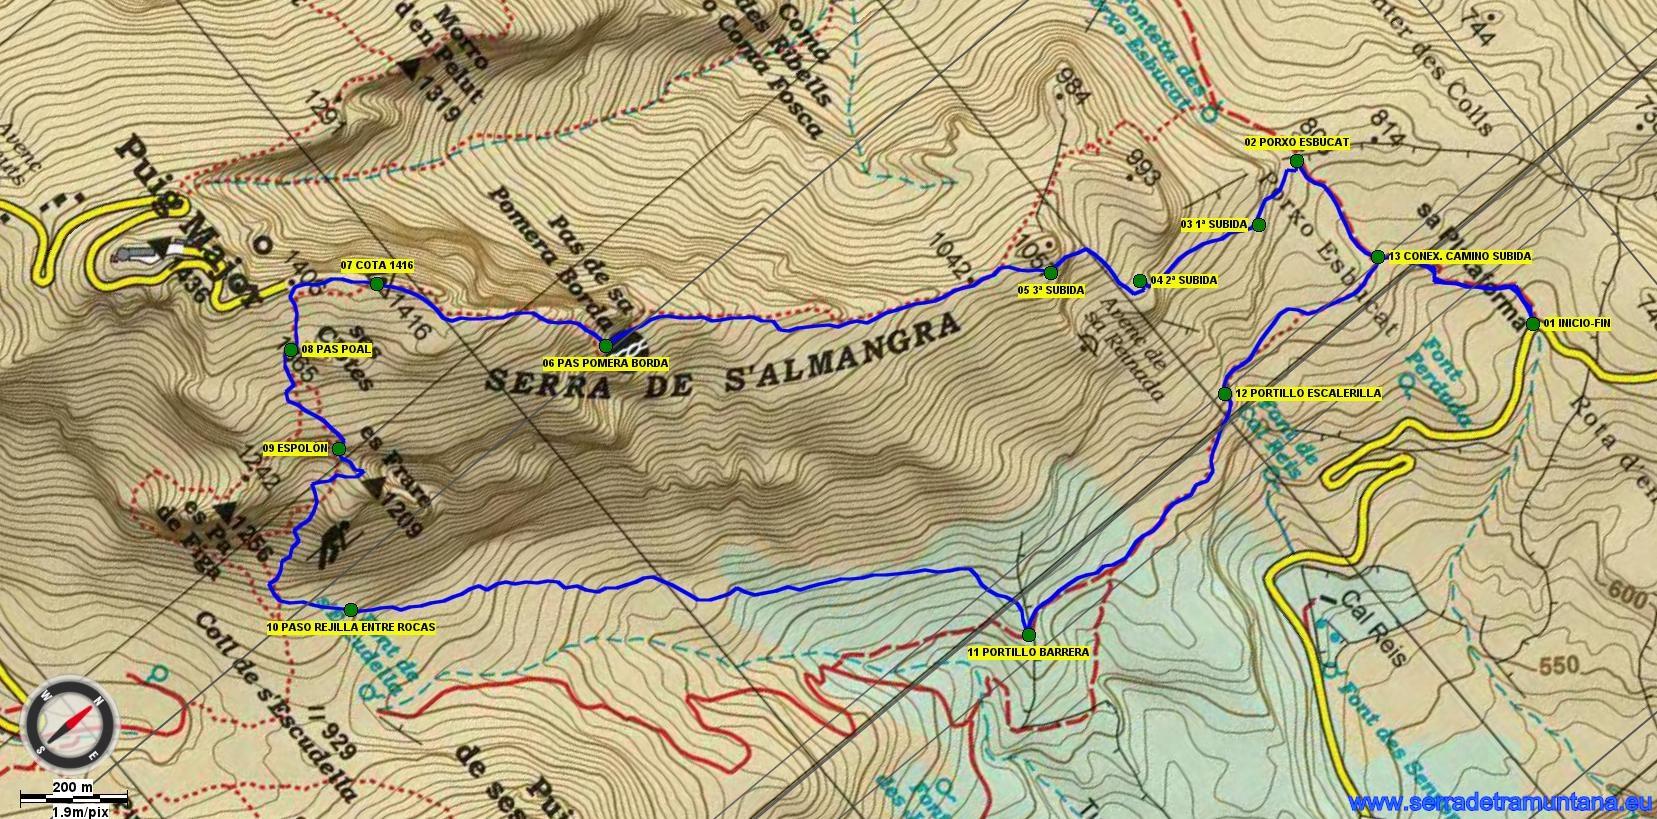 Recorte del mapa de Alpina con el trazado de la ruta y los puntos de referencia más importantes